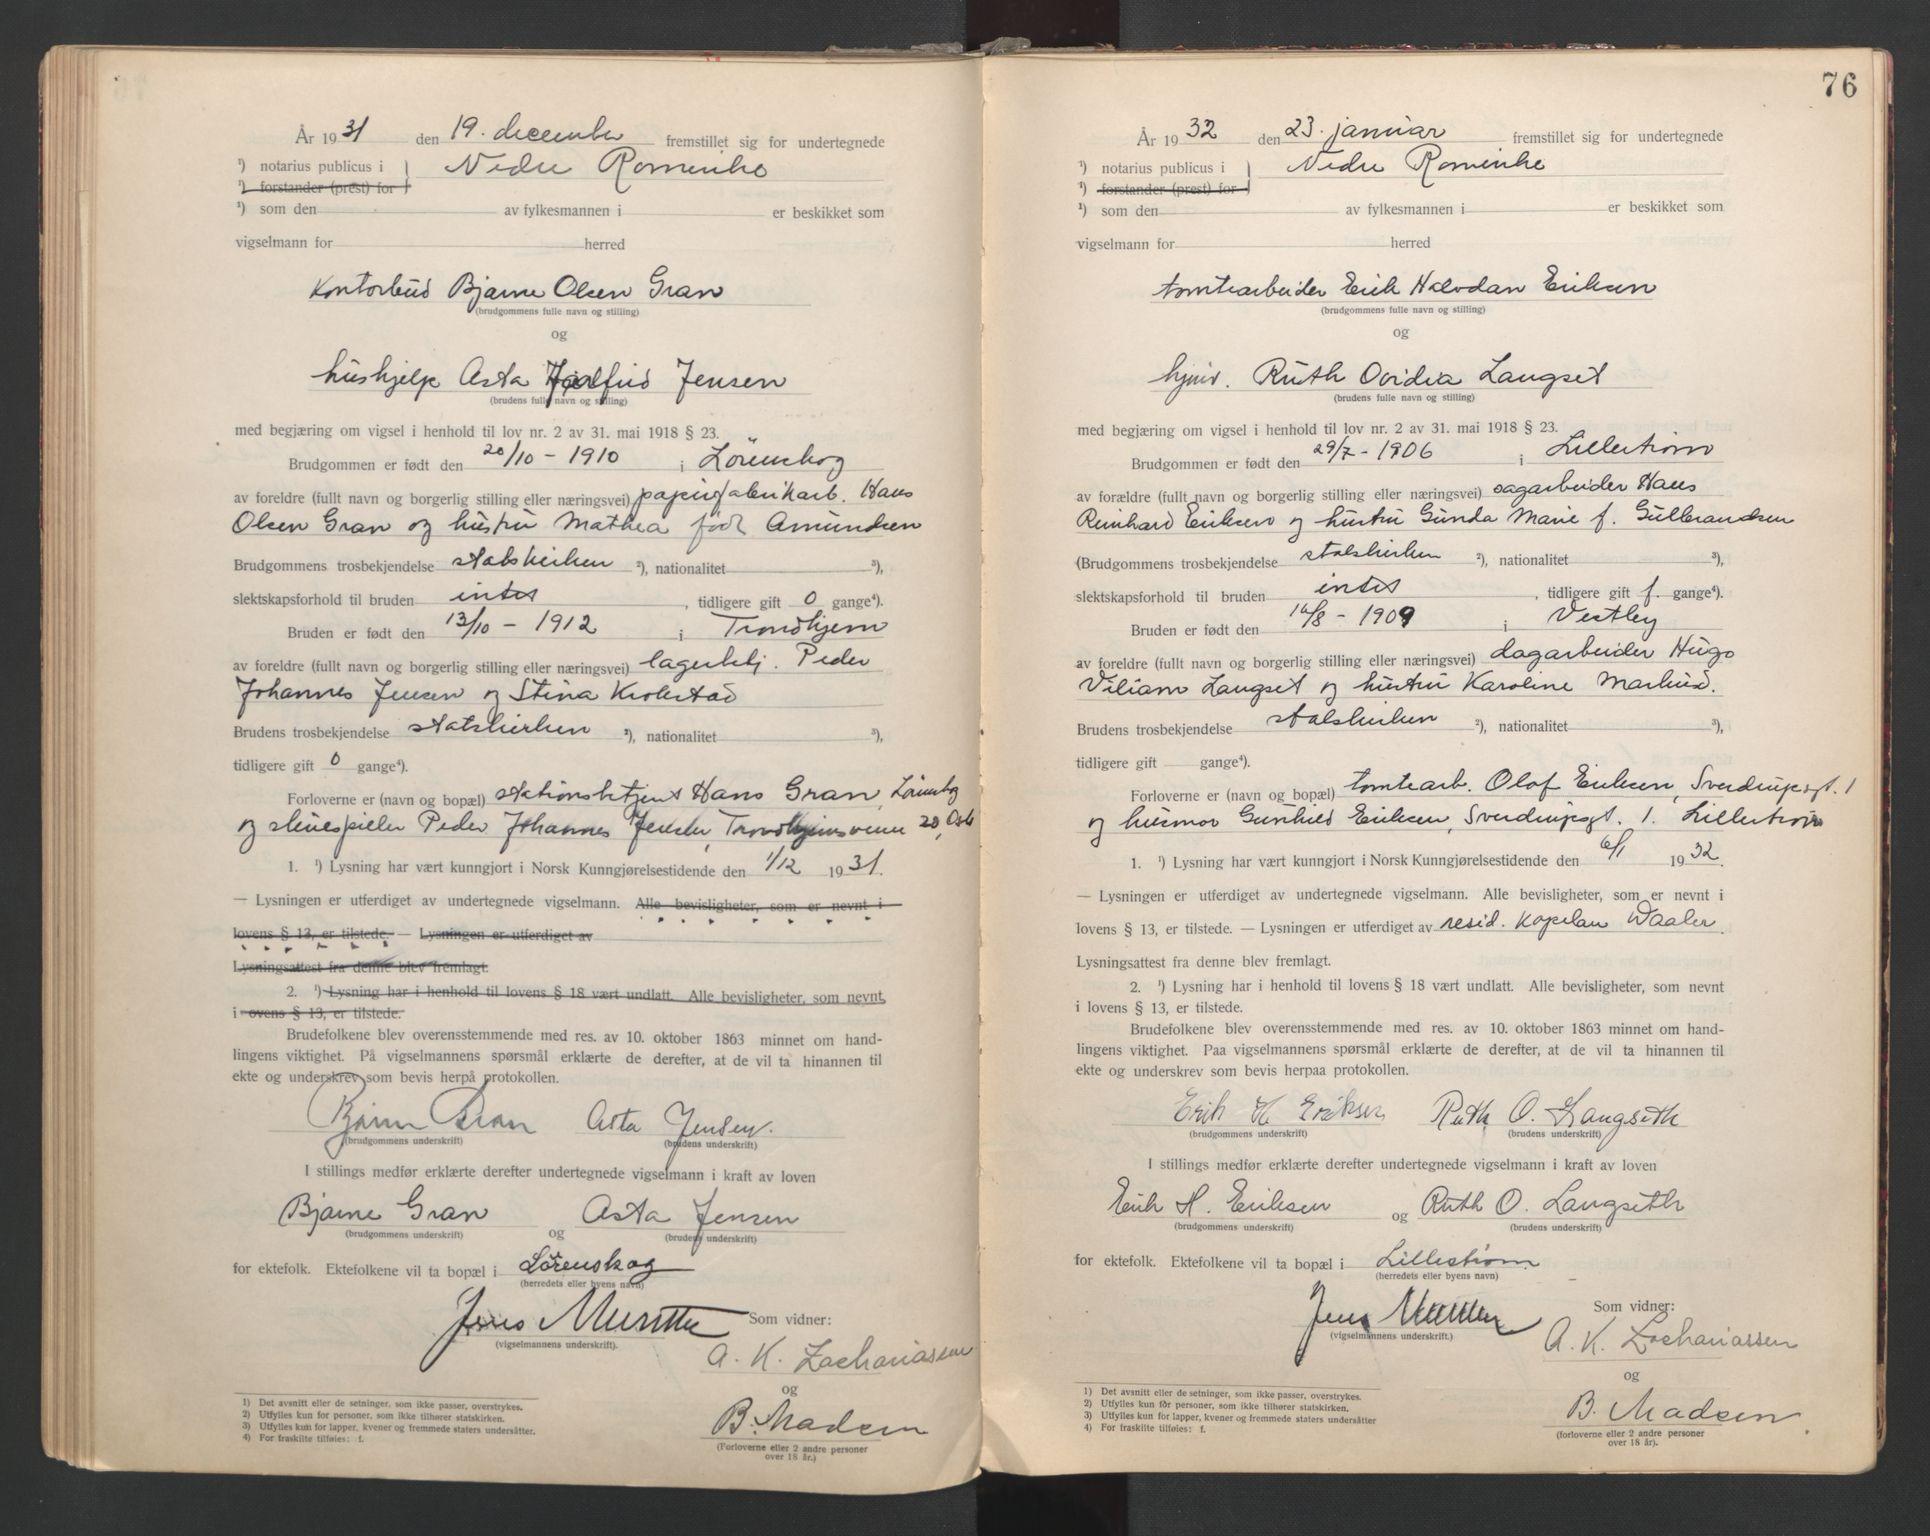 SAO, Nedre Romerike sorenskriveri, L/Lb/L0001: Vigselsbok - borgerlige vielser, 1920-1935, s. 76